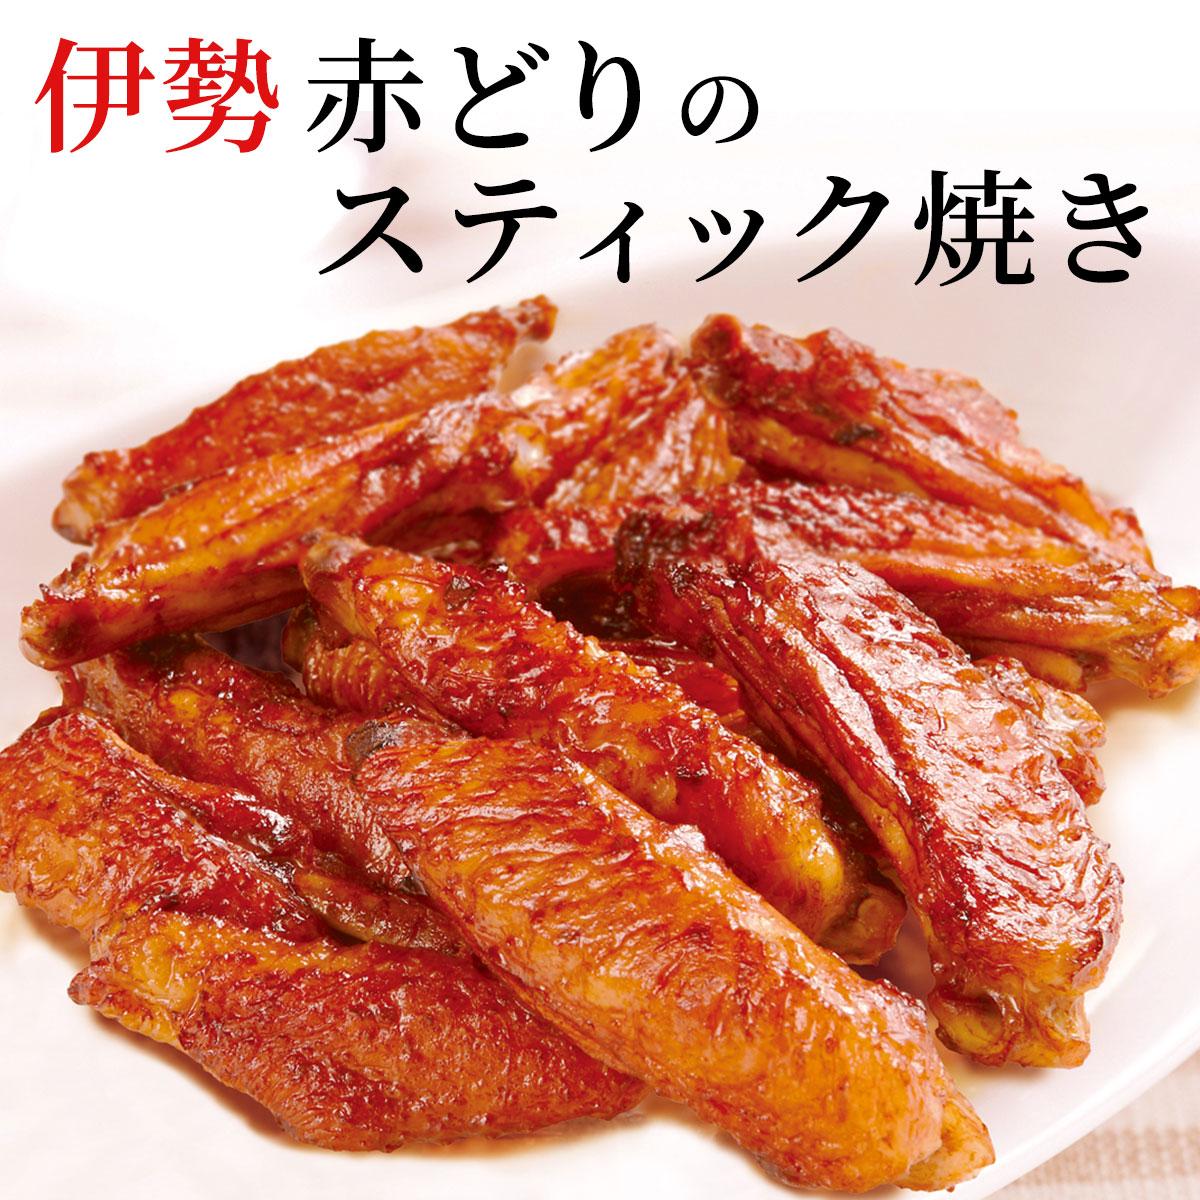 【ふるさと納税】 鳥文 三重県産伊勢赤どりのスティック焼き